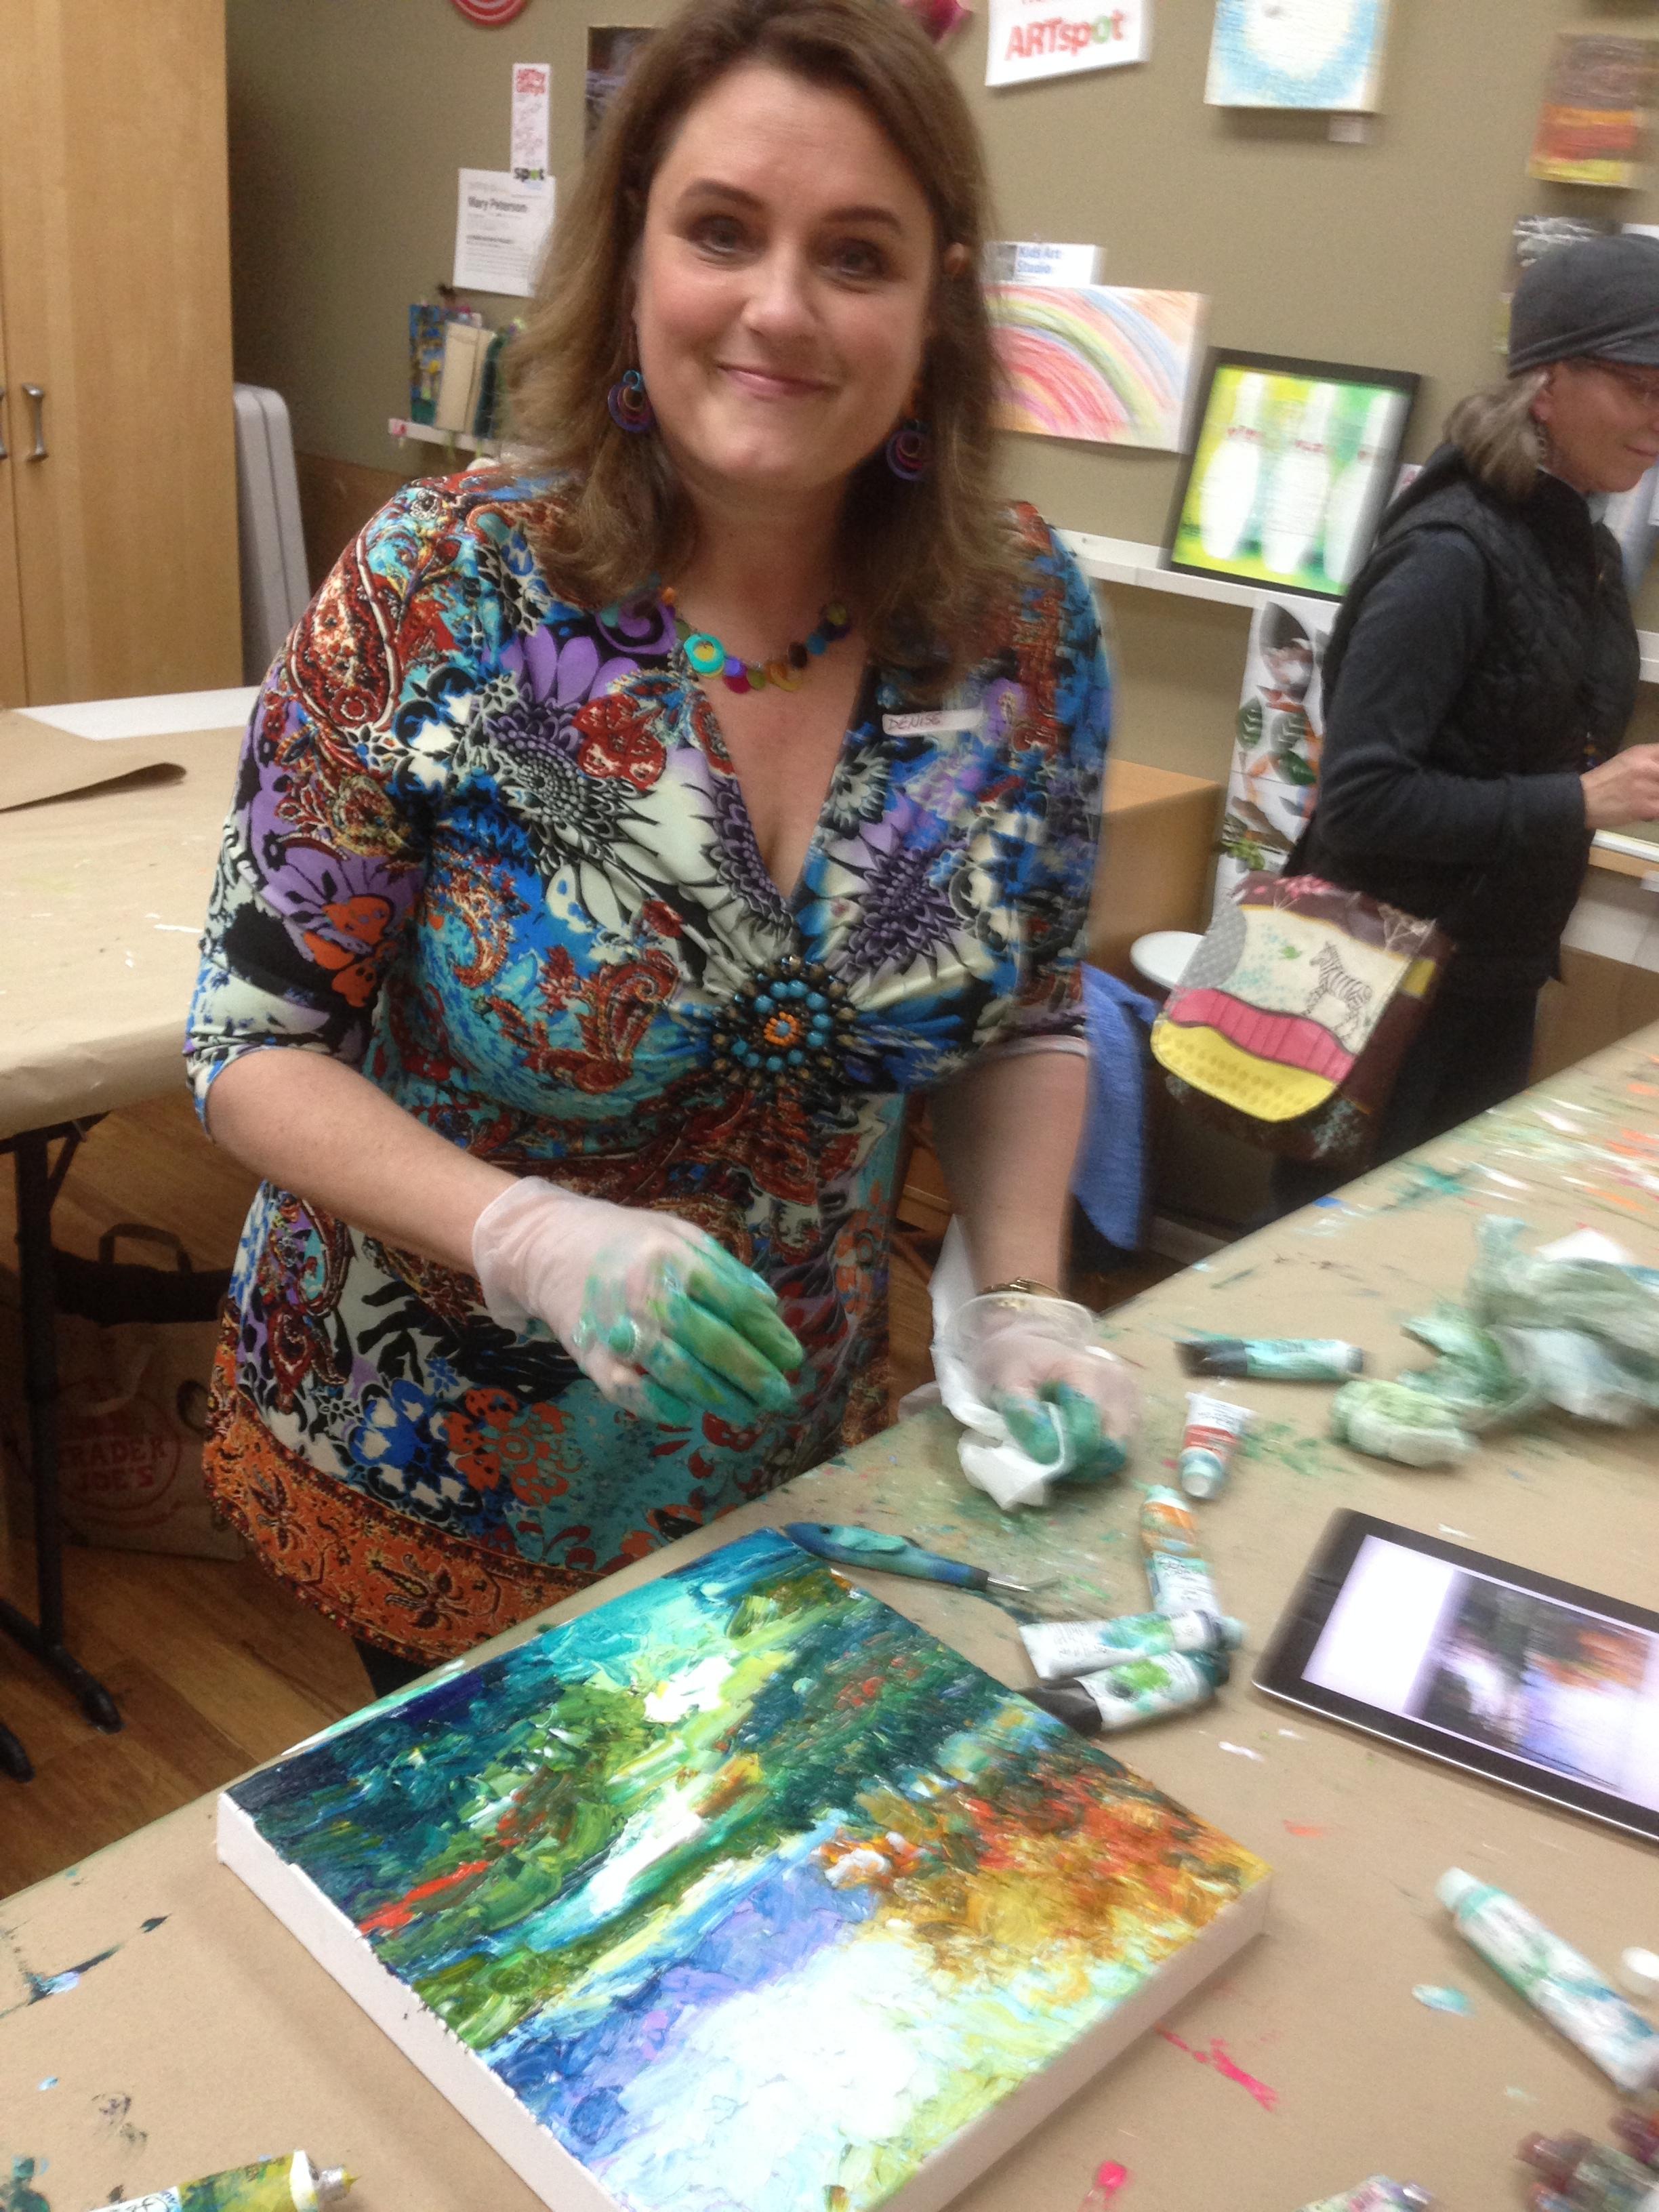 Denise painting.jpeg